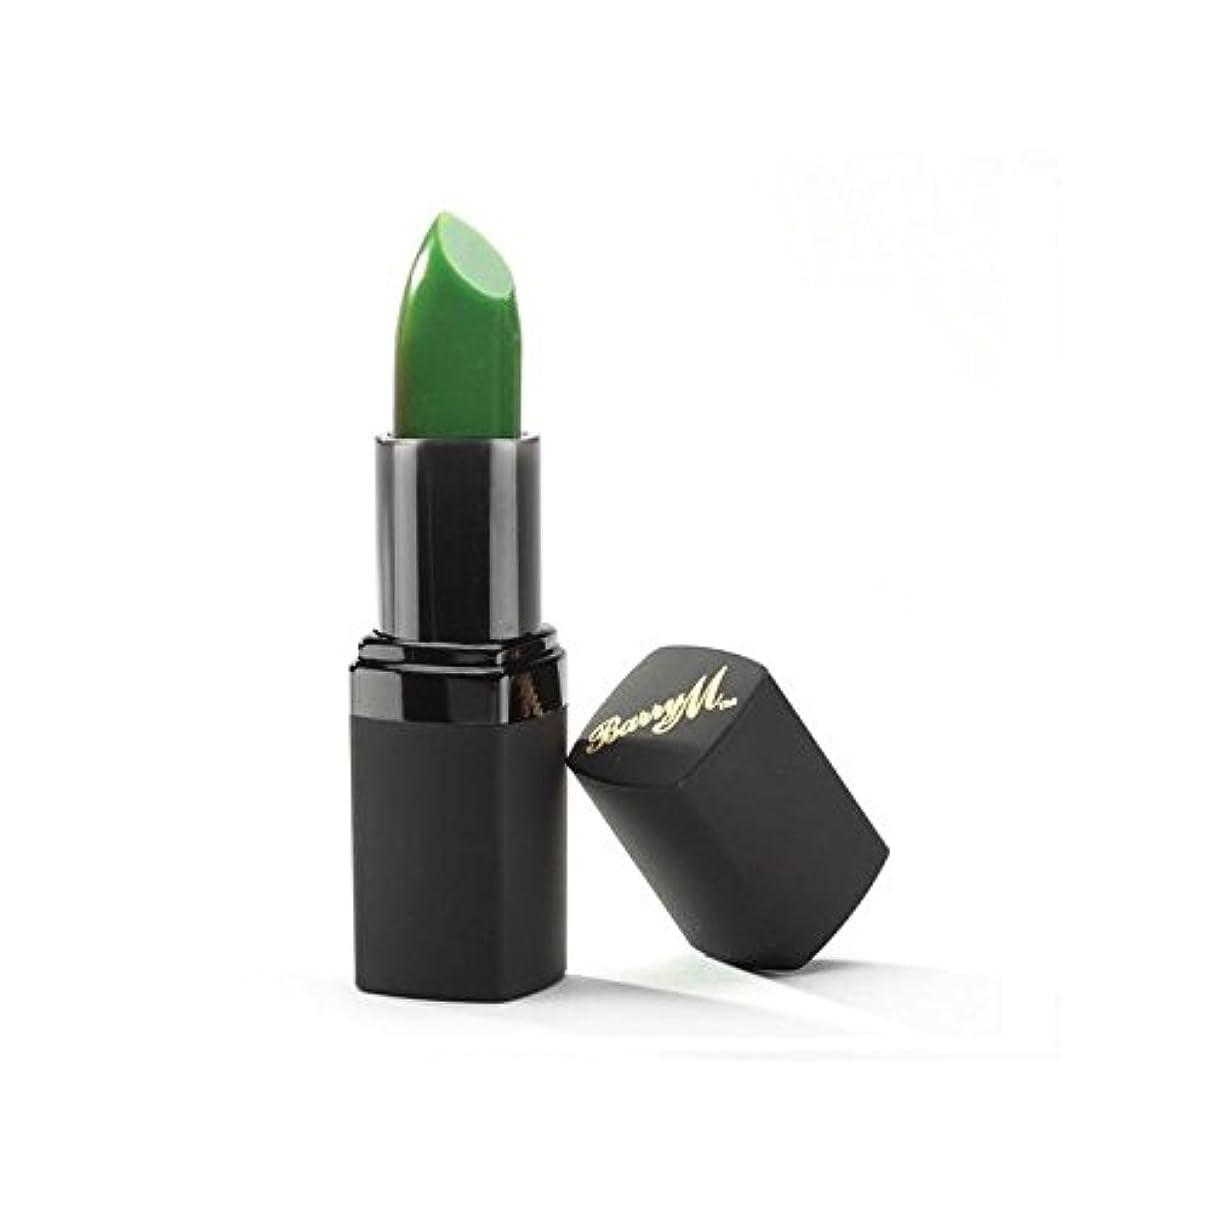 精度ペナルティリラックスしたバリーメートルリップ精霊の口紅 x4 - Barry M Lip Genie Lipstick (Pack of 4) [並行輸入品]